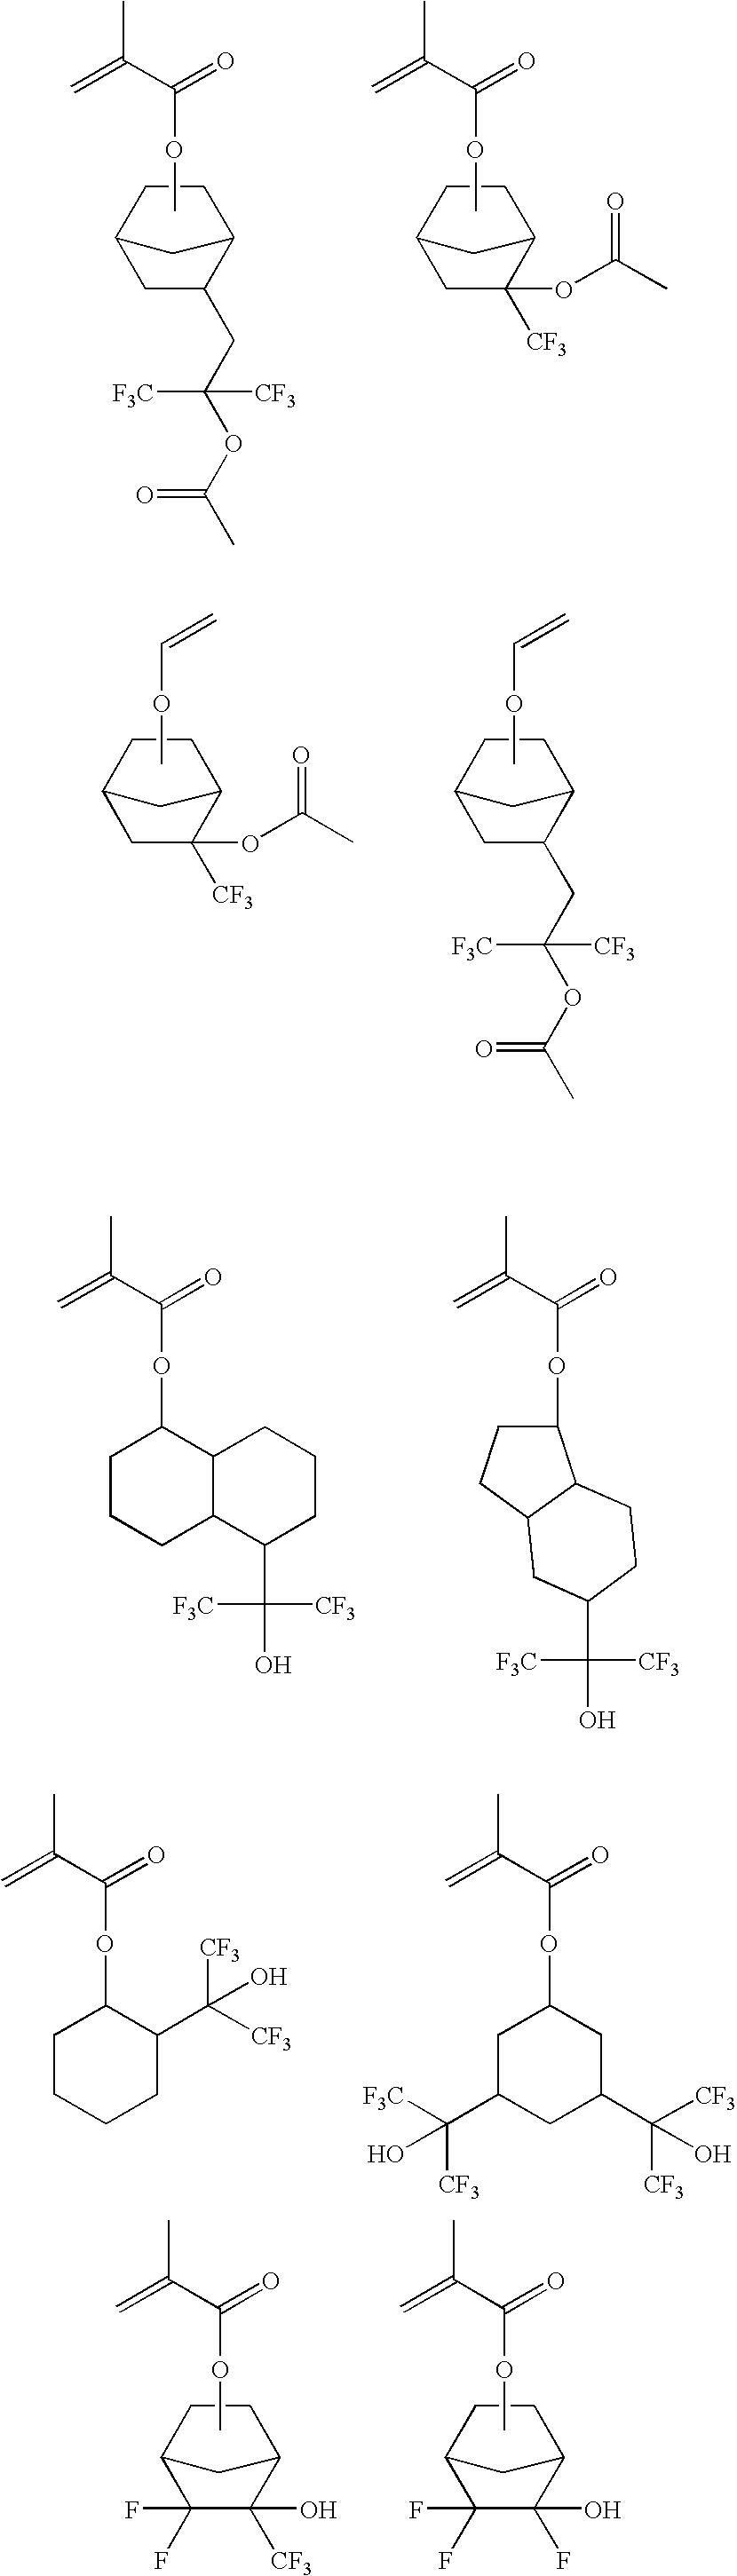 Figure US20100178617A1-20100715-C00038